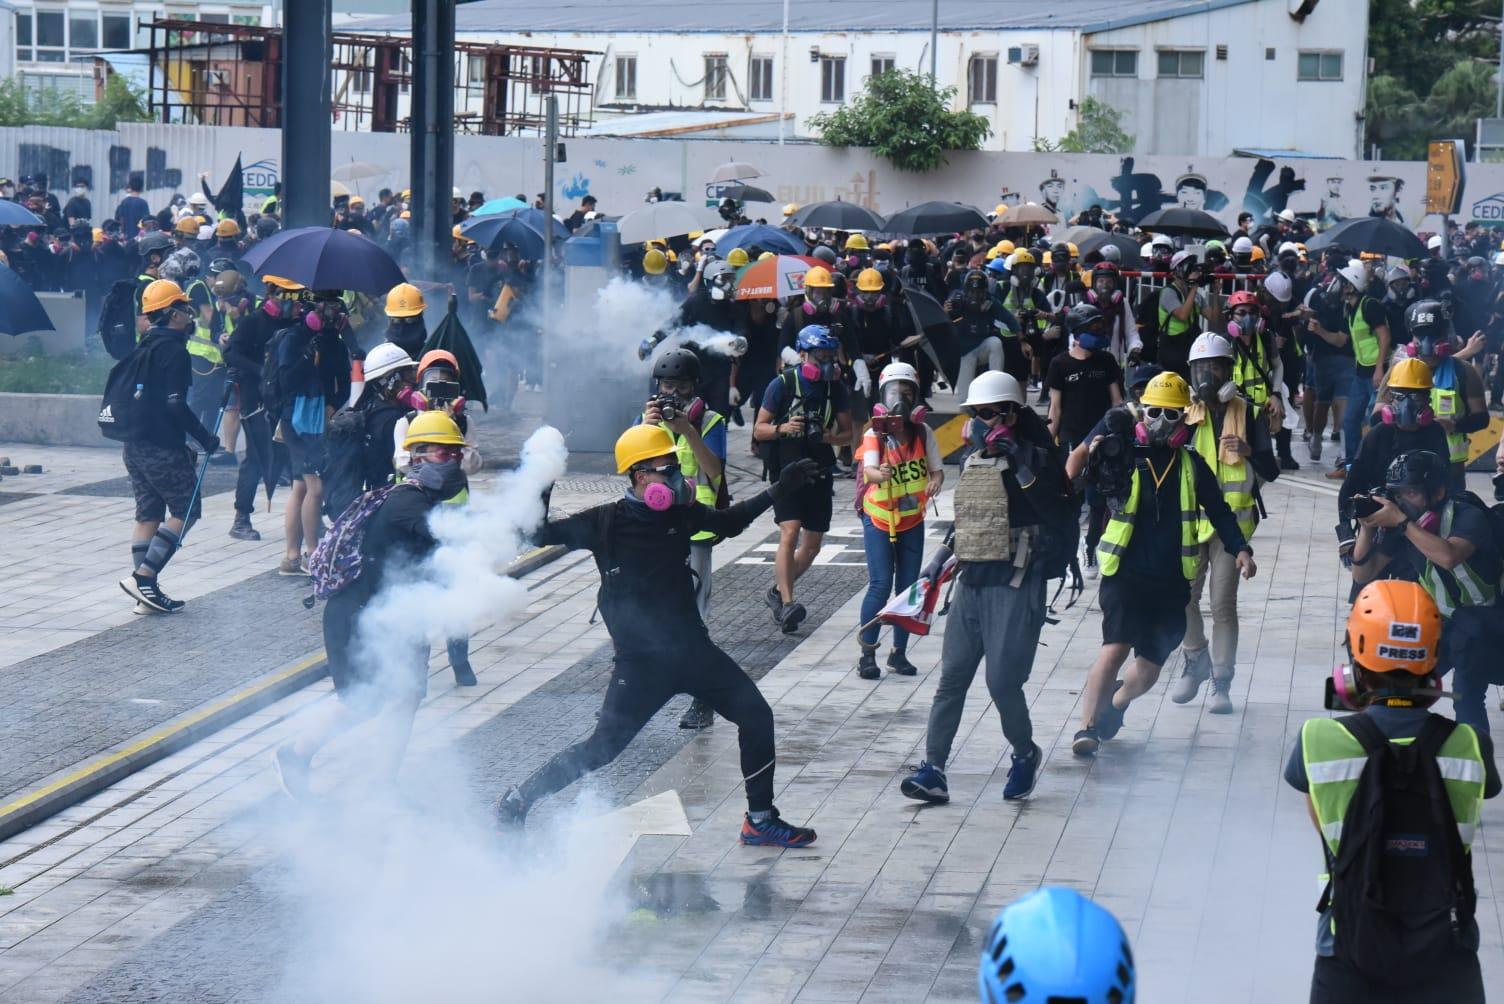 【逃犯条例】 立法会外多处着火 警:示威者投掷汽油弹